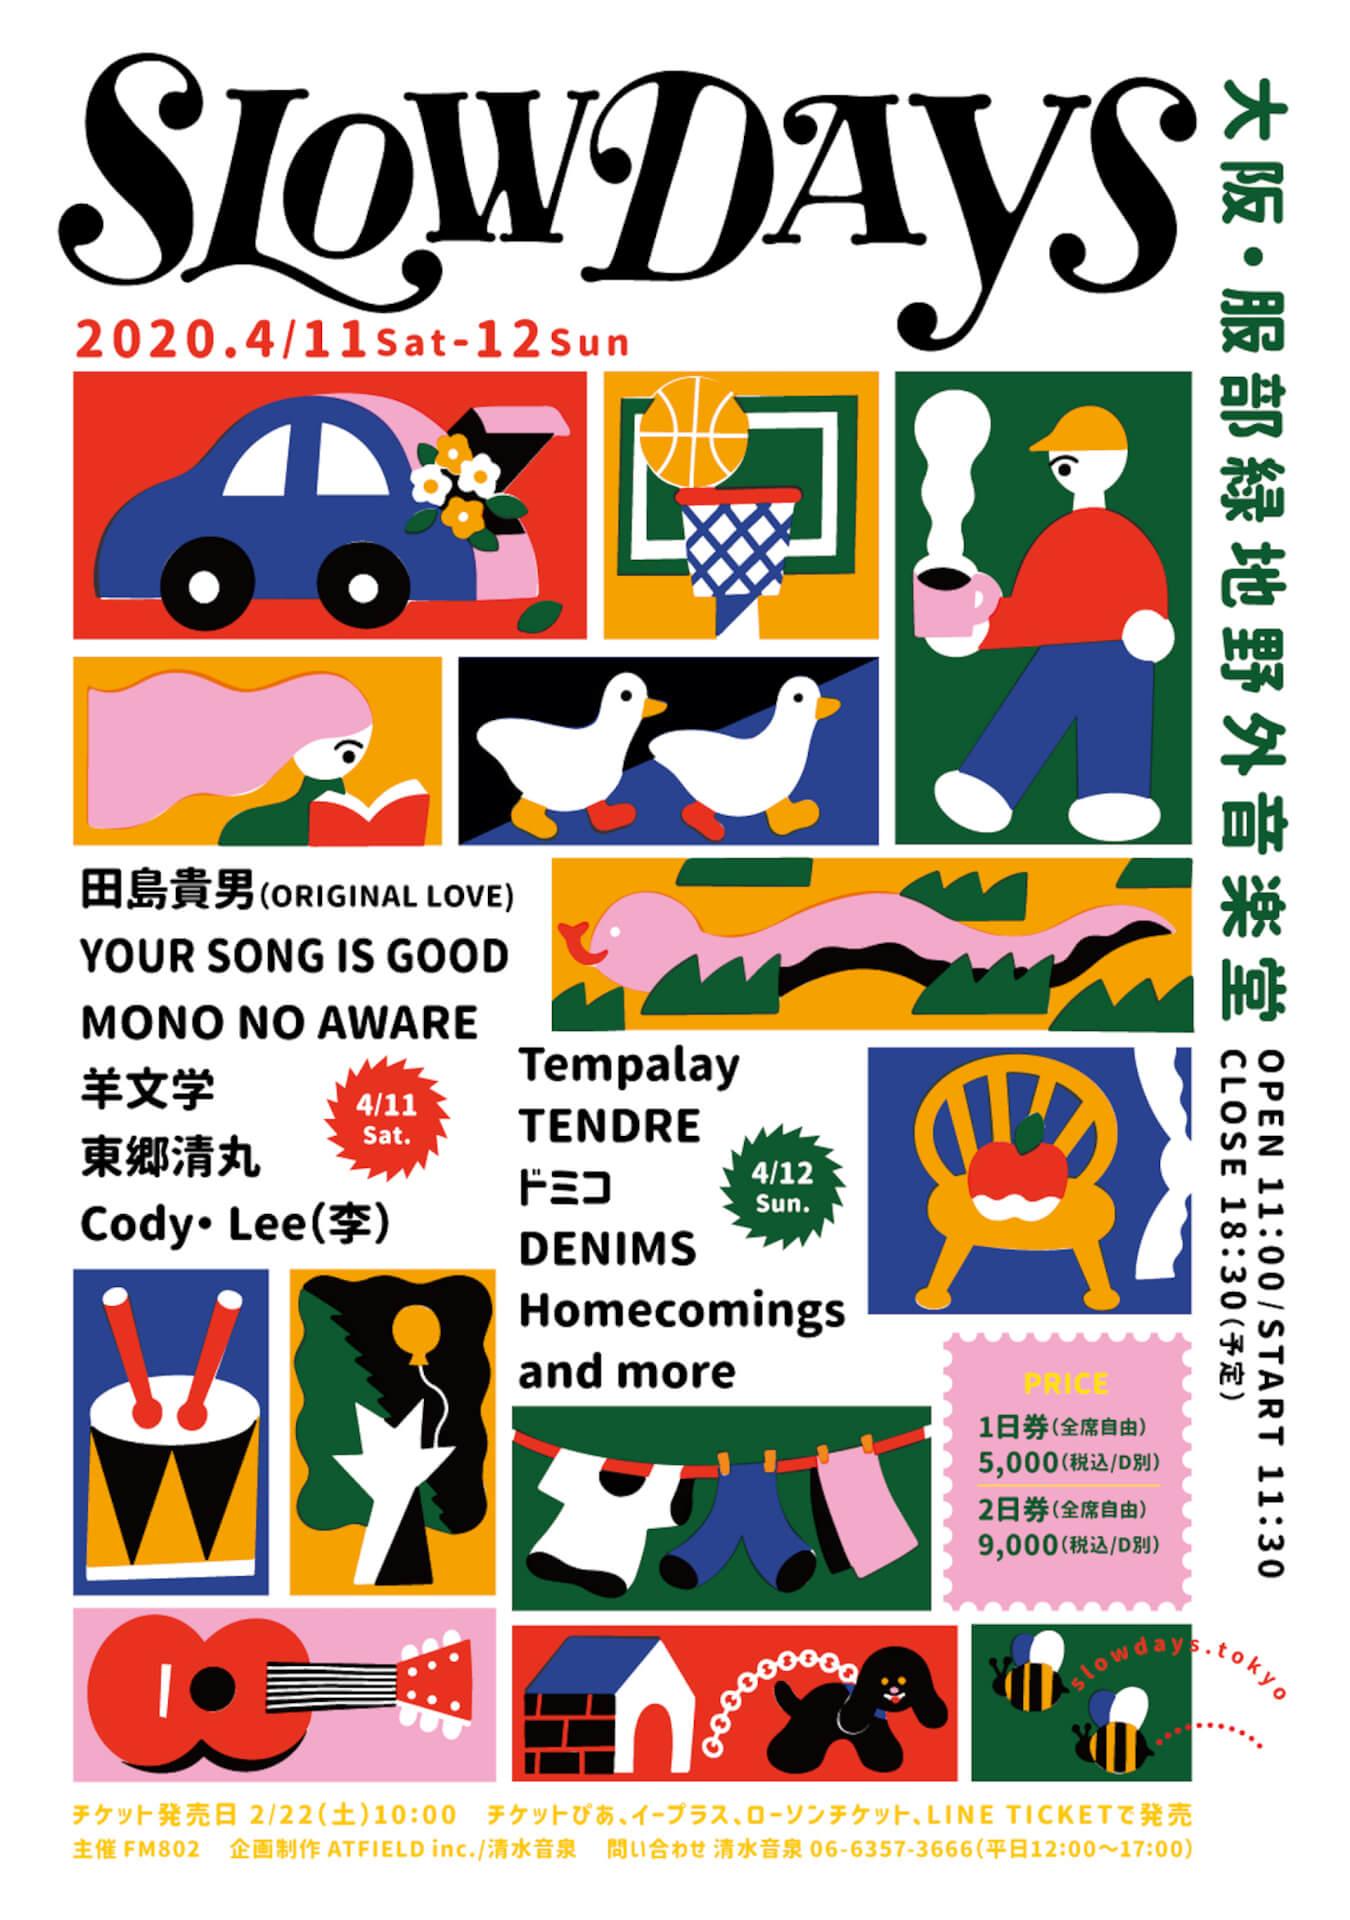 <SLOW DAYS>大阪での2日間開催が決定!第2弾アーティストにTENDRE、東郷清丸、羊文学ら6組 music200131_slowdays_3